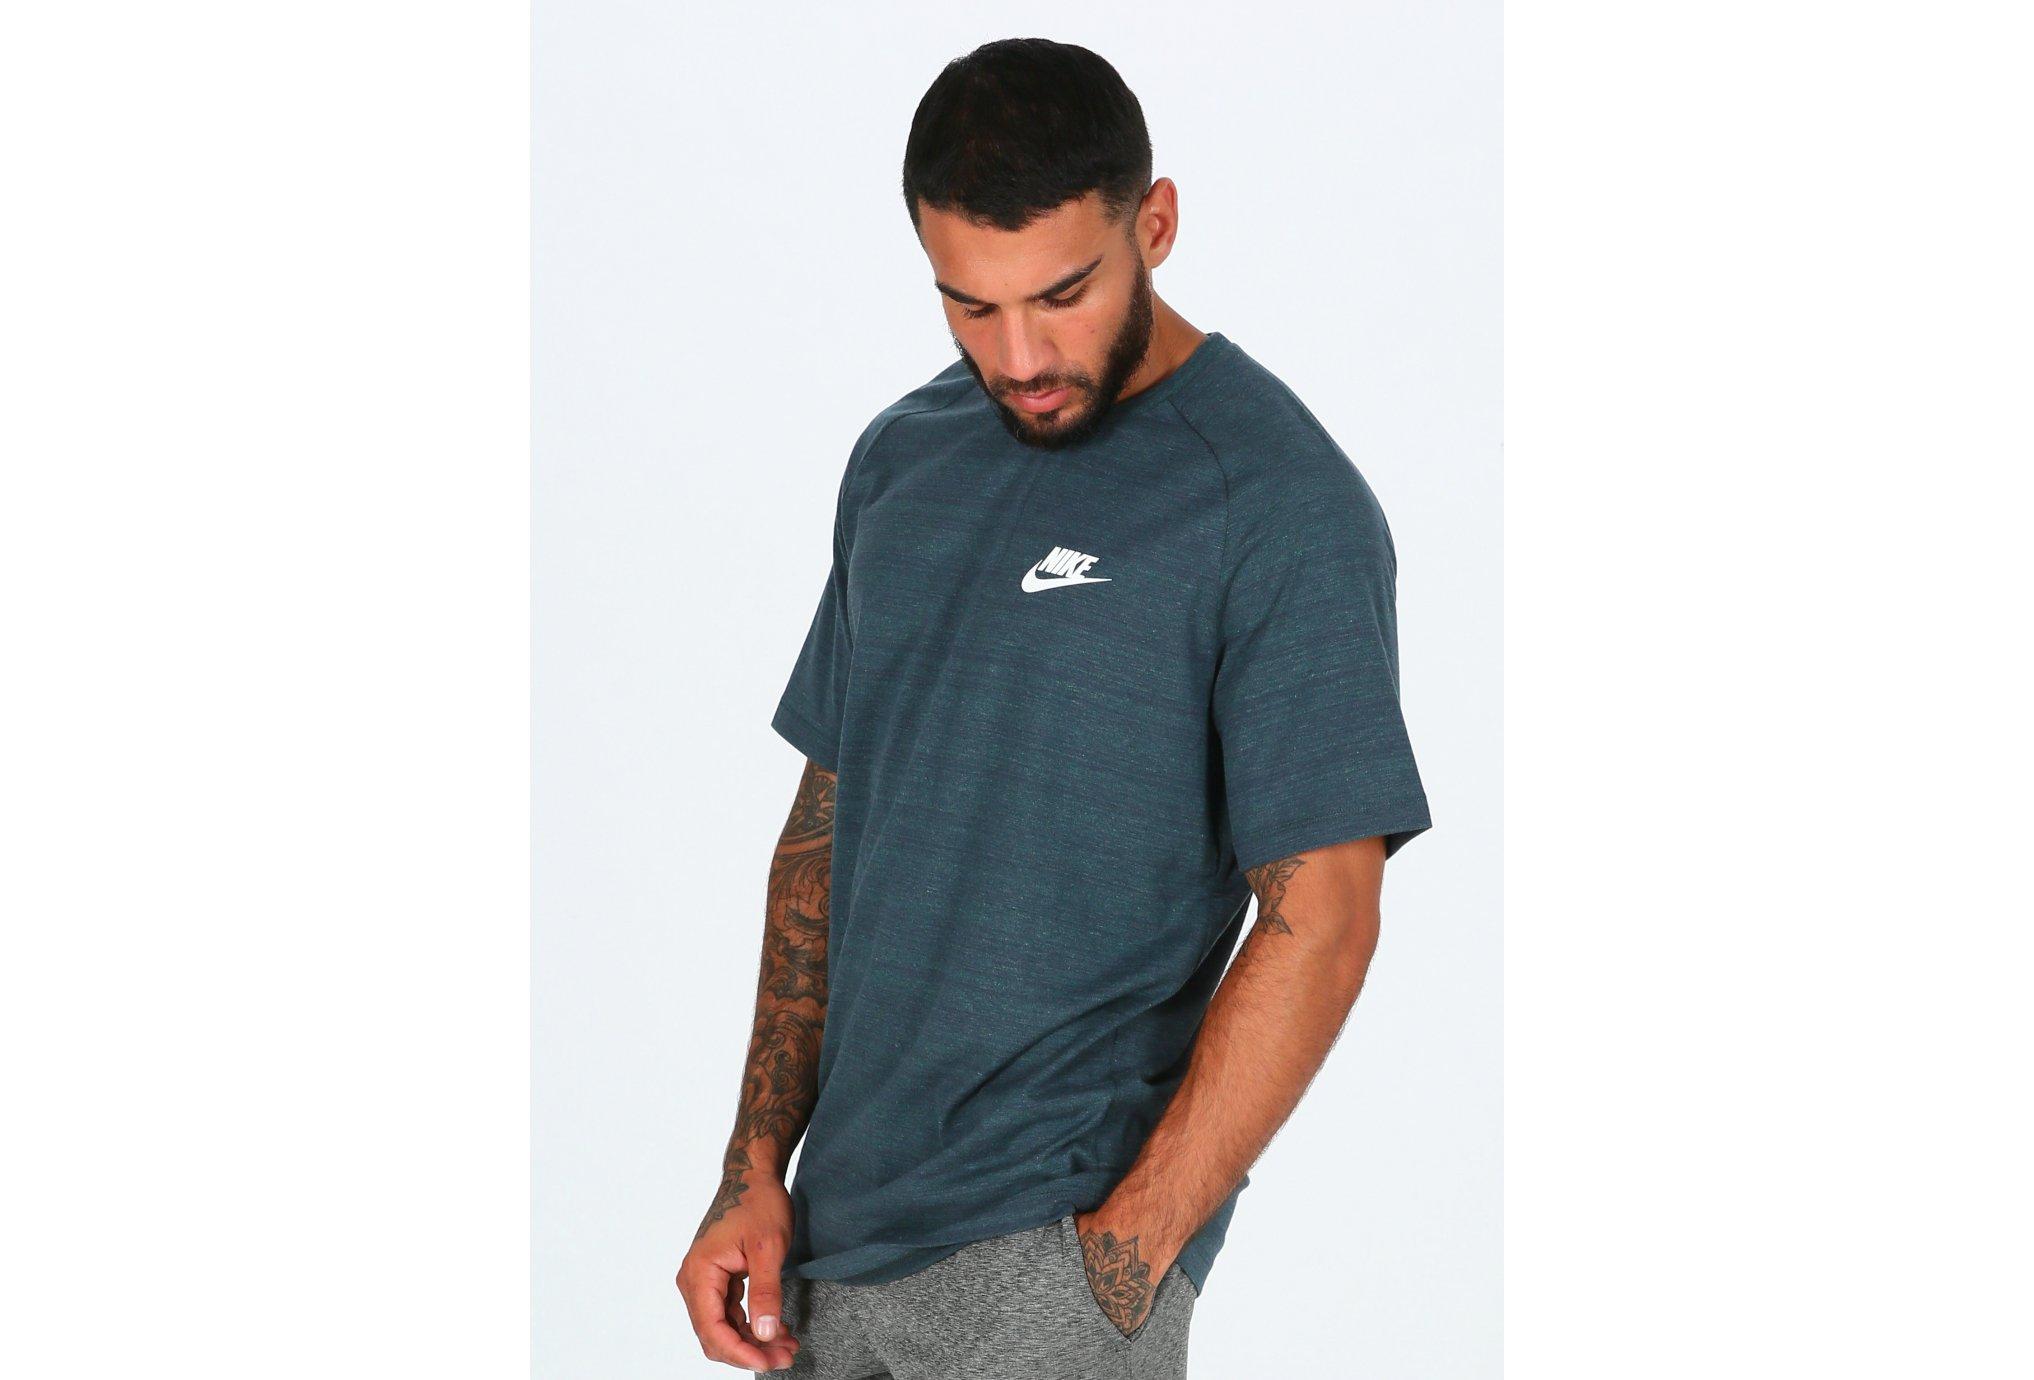 Nike Advance 15 Knit M Diététique Vêtements homme